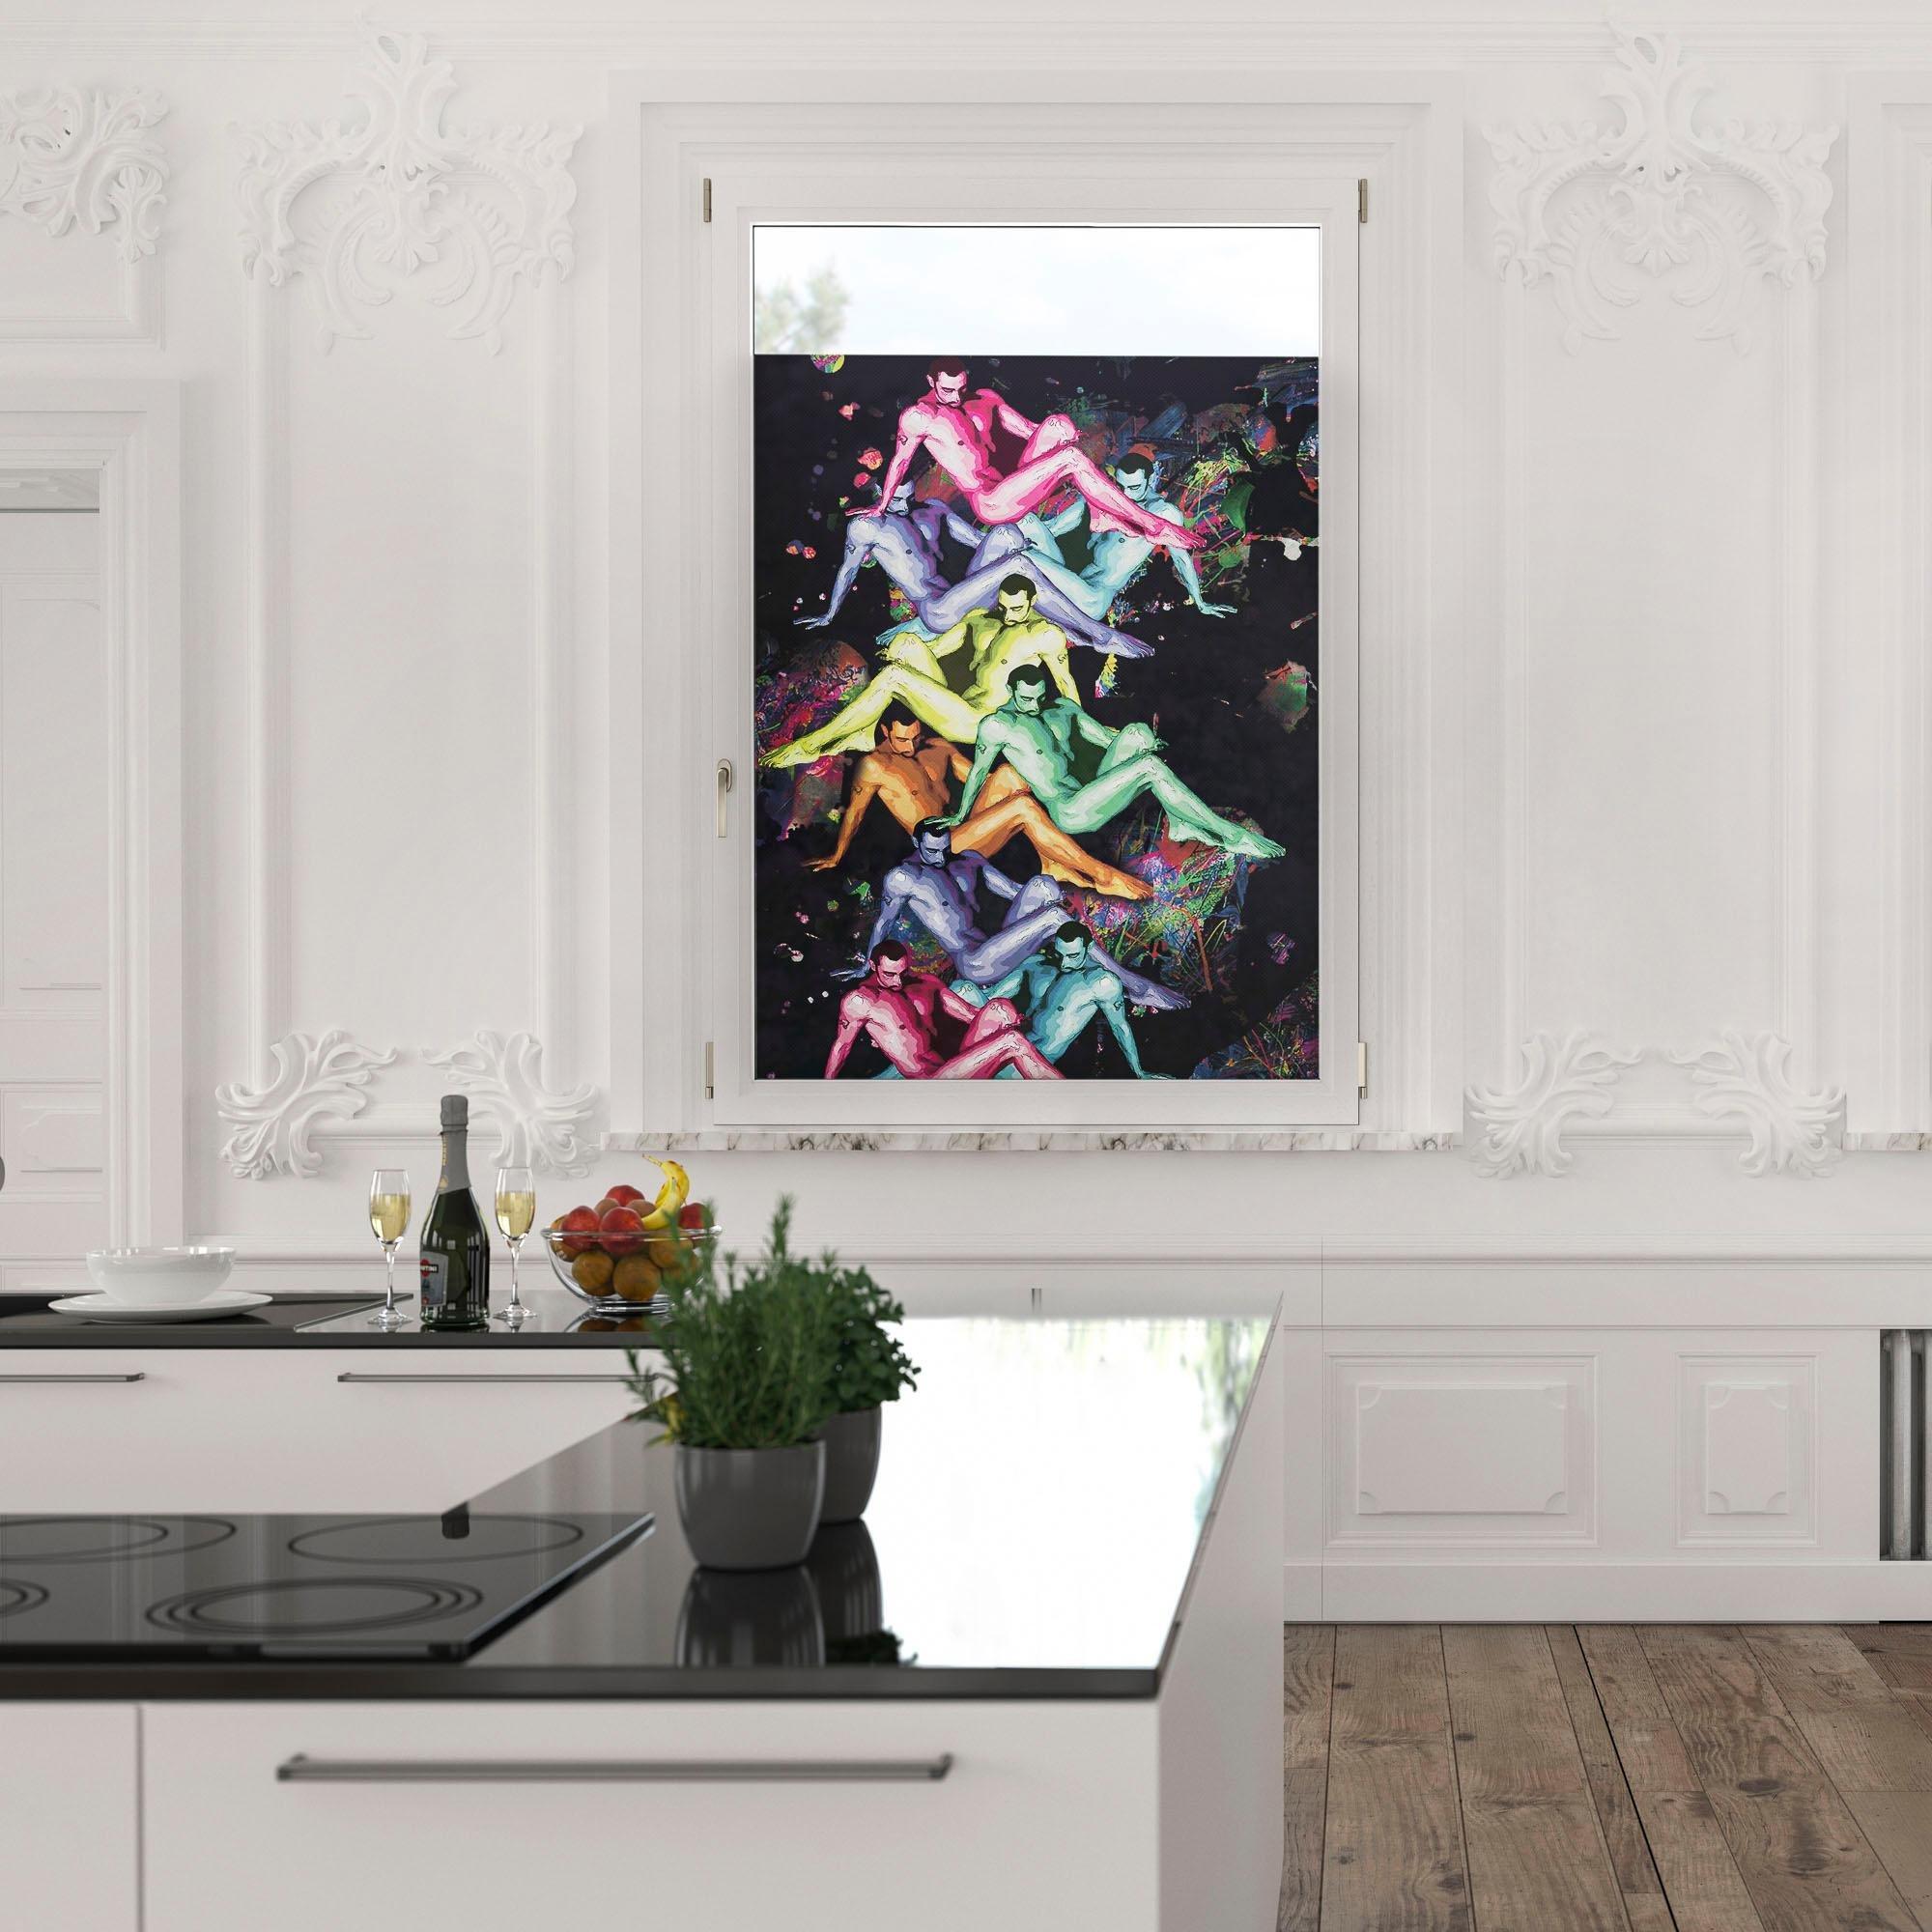 Full Size of Fensterfolie Blickdicht Wohnzimmer Fensterfolie Blickdicht